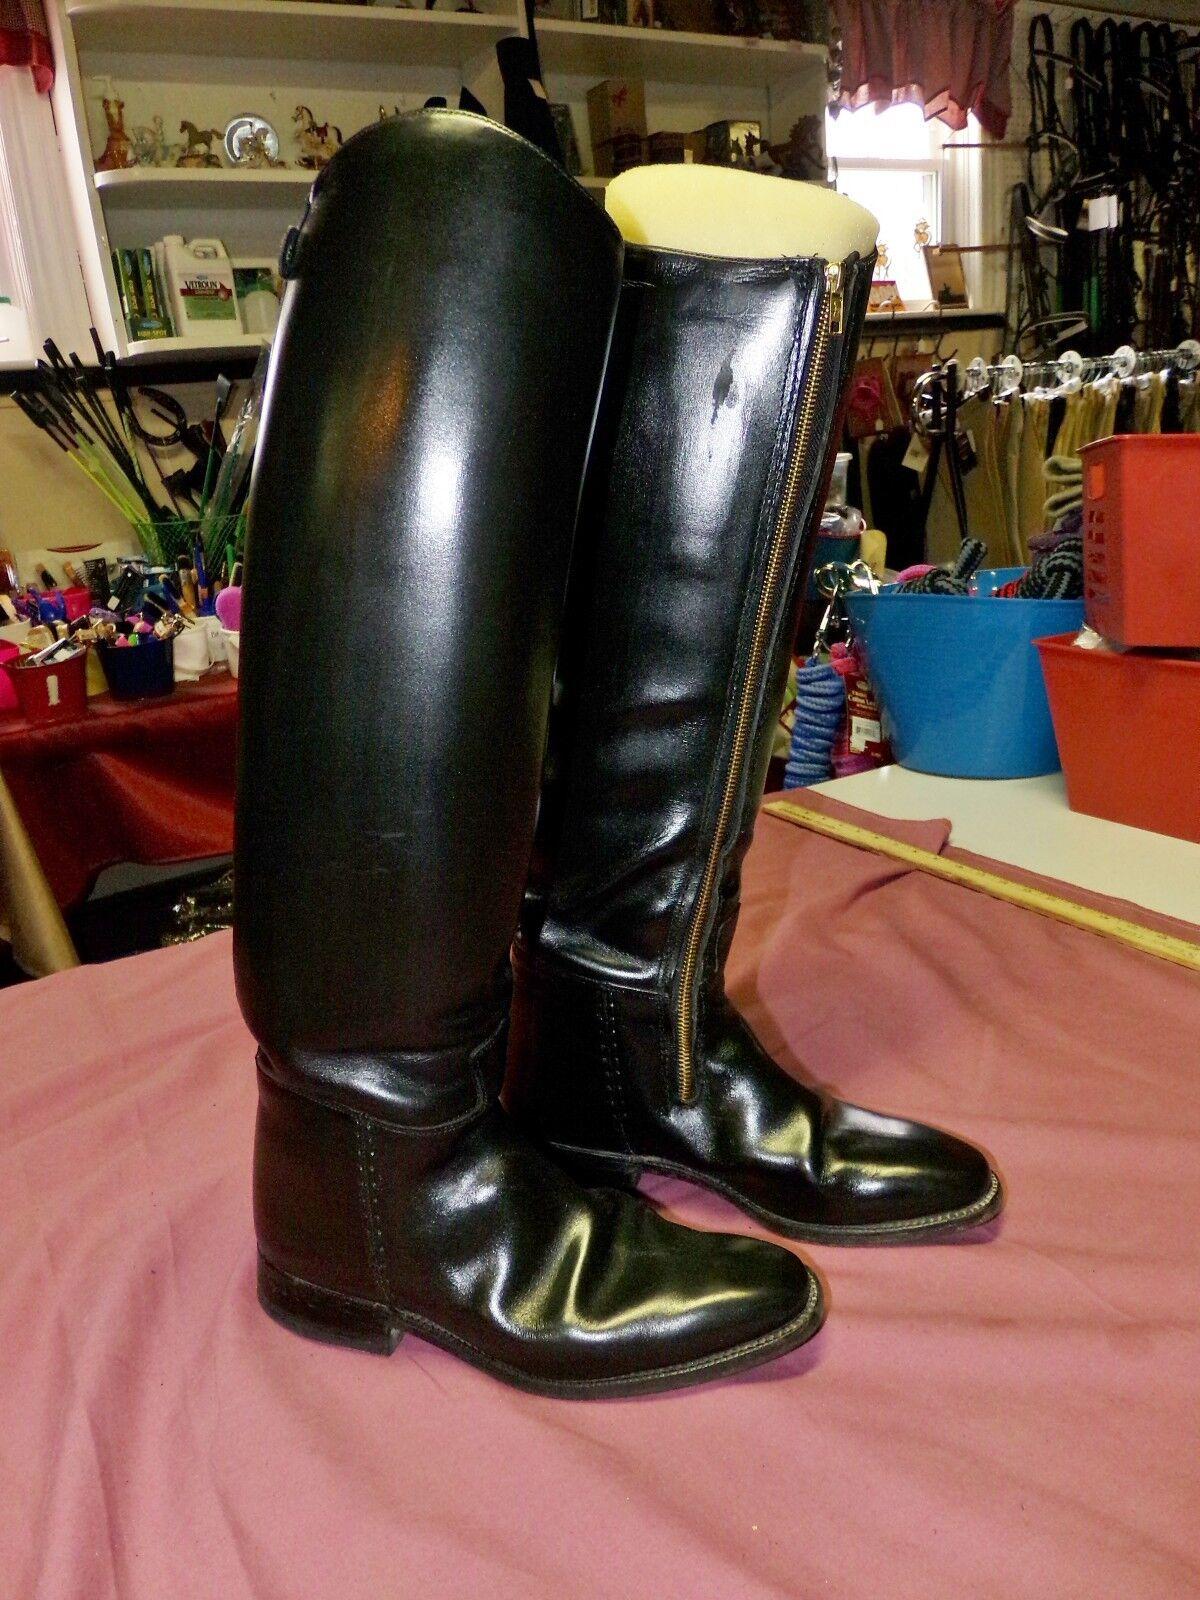 Vestido botas, Cavallo alto doma, tamaño 7.5 8